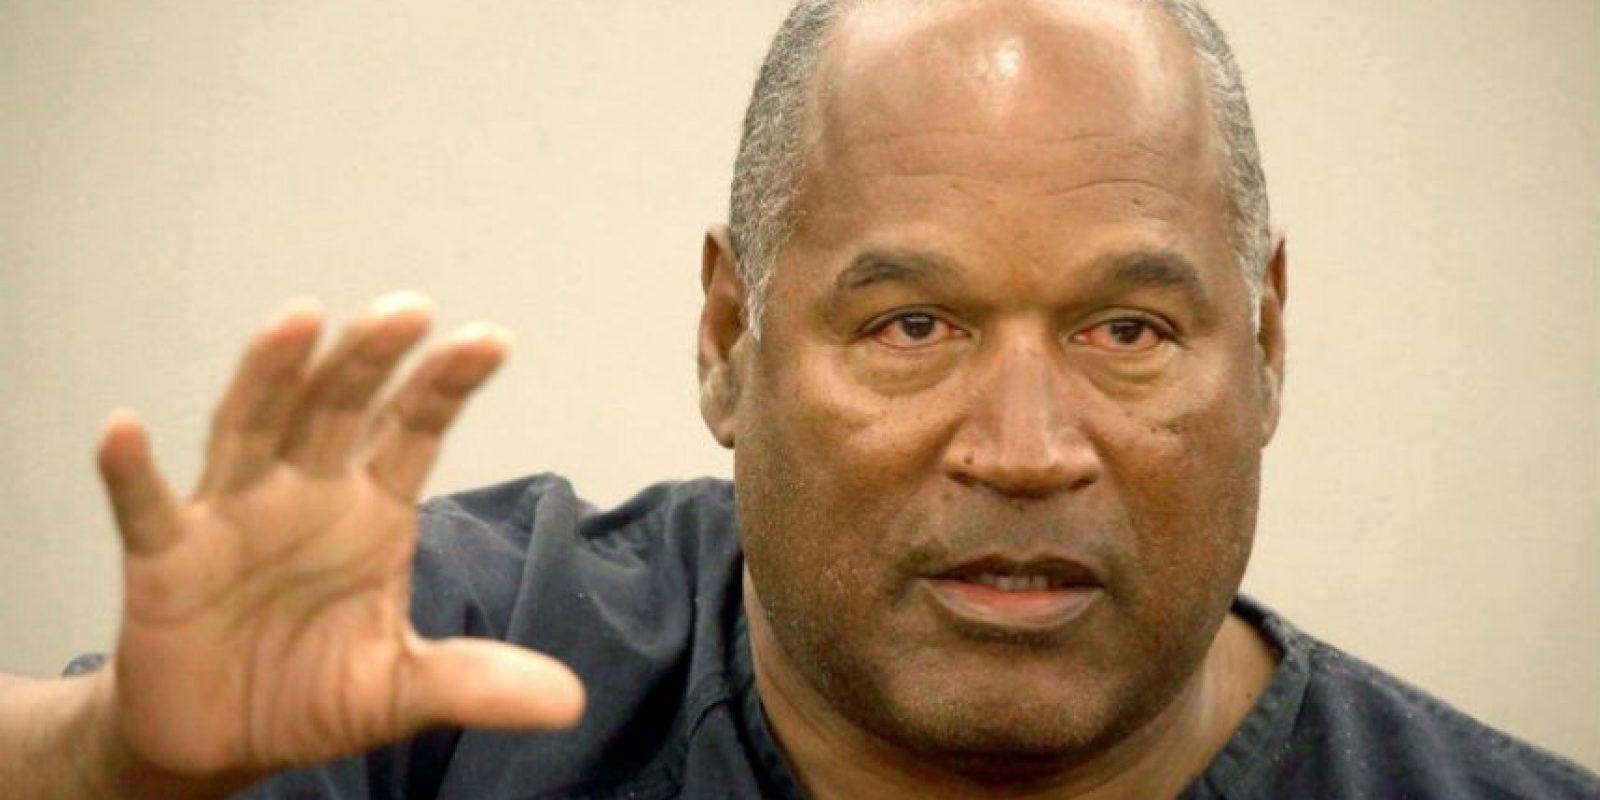 O. J. Simpson. Exjugador de la NFL Foto:Getty Images